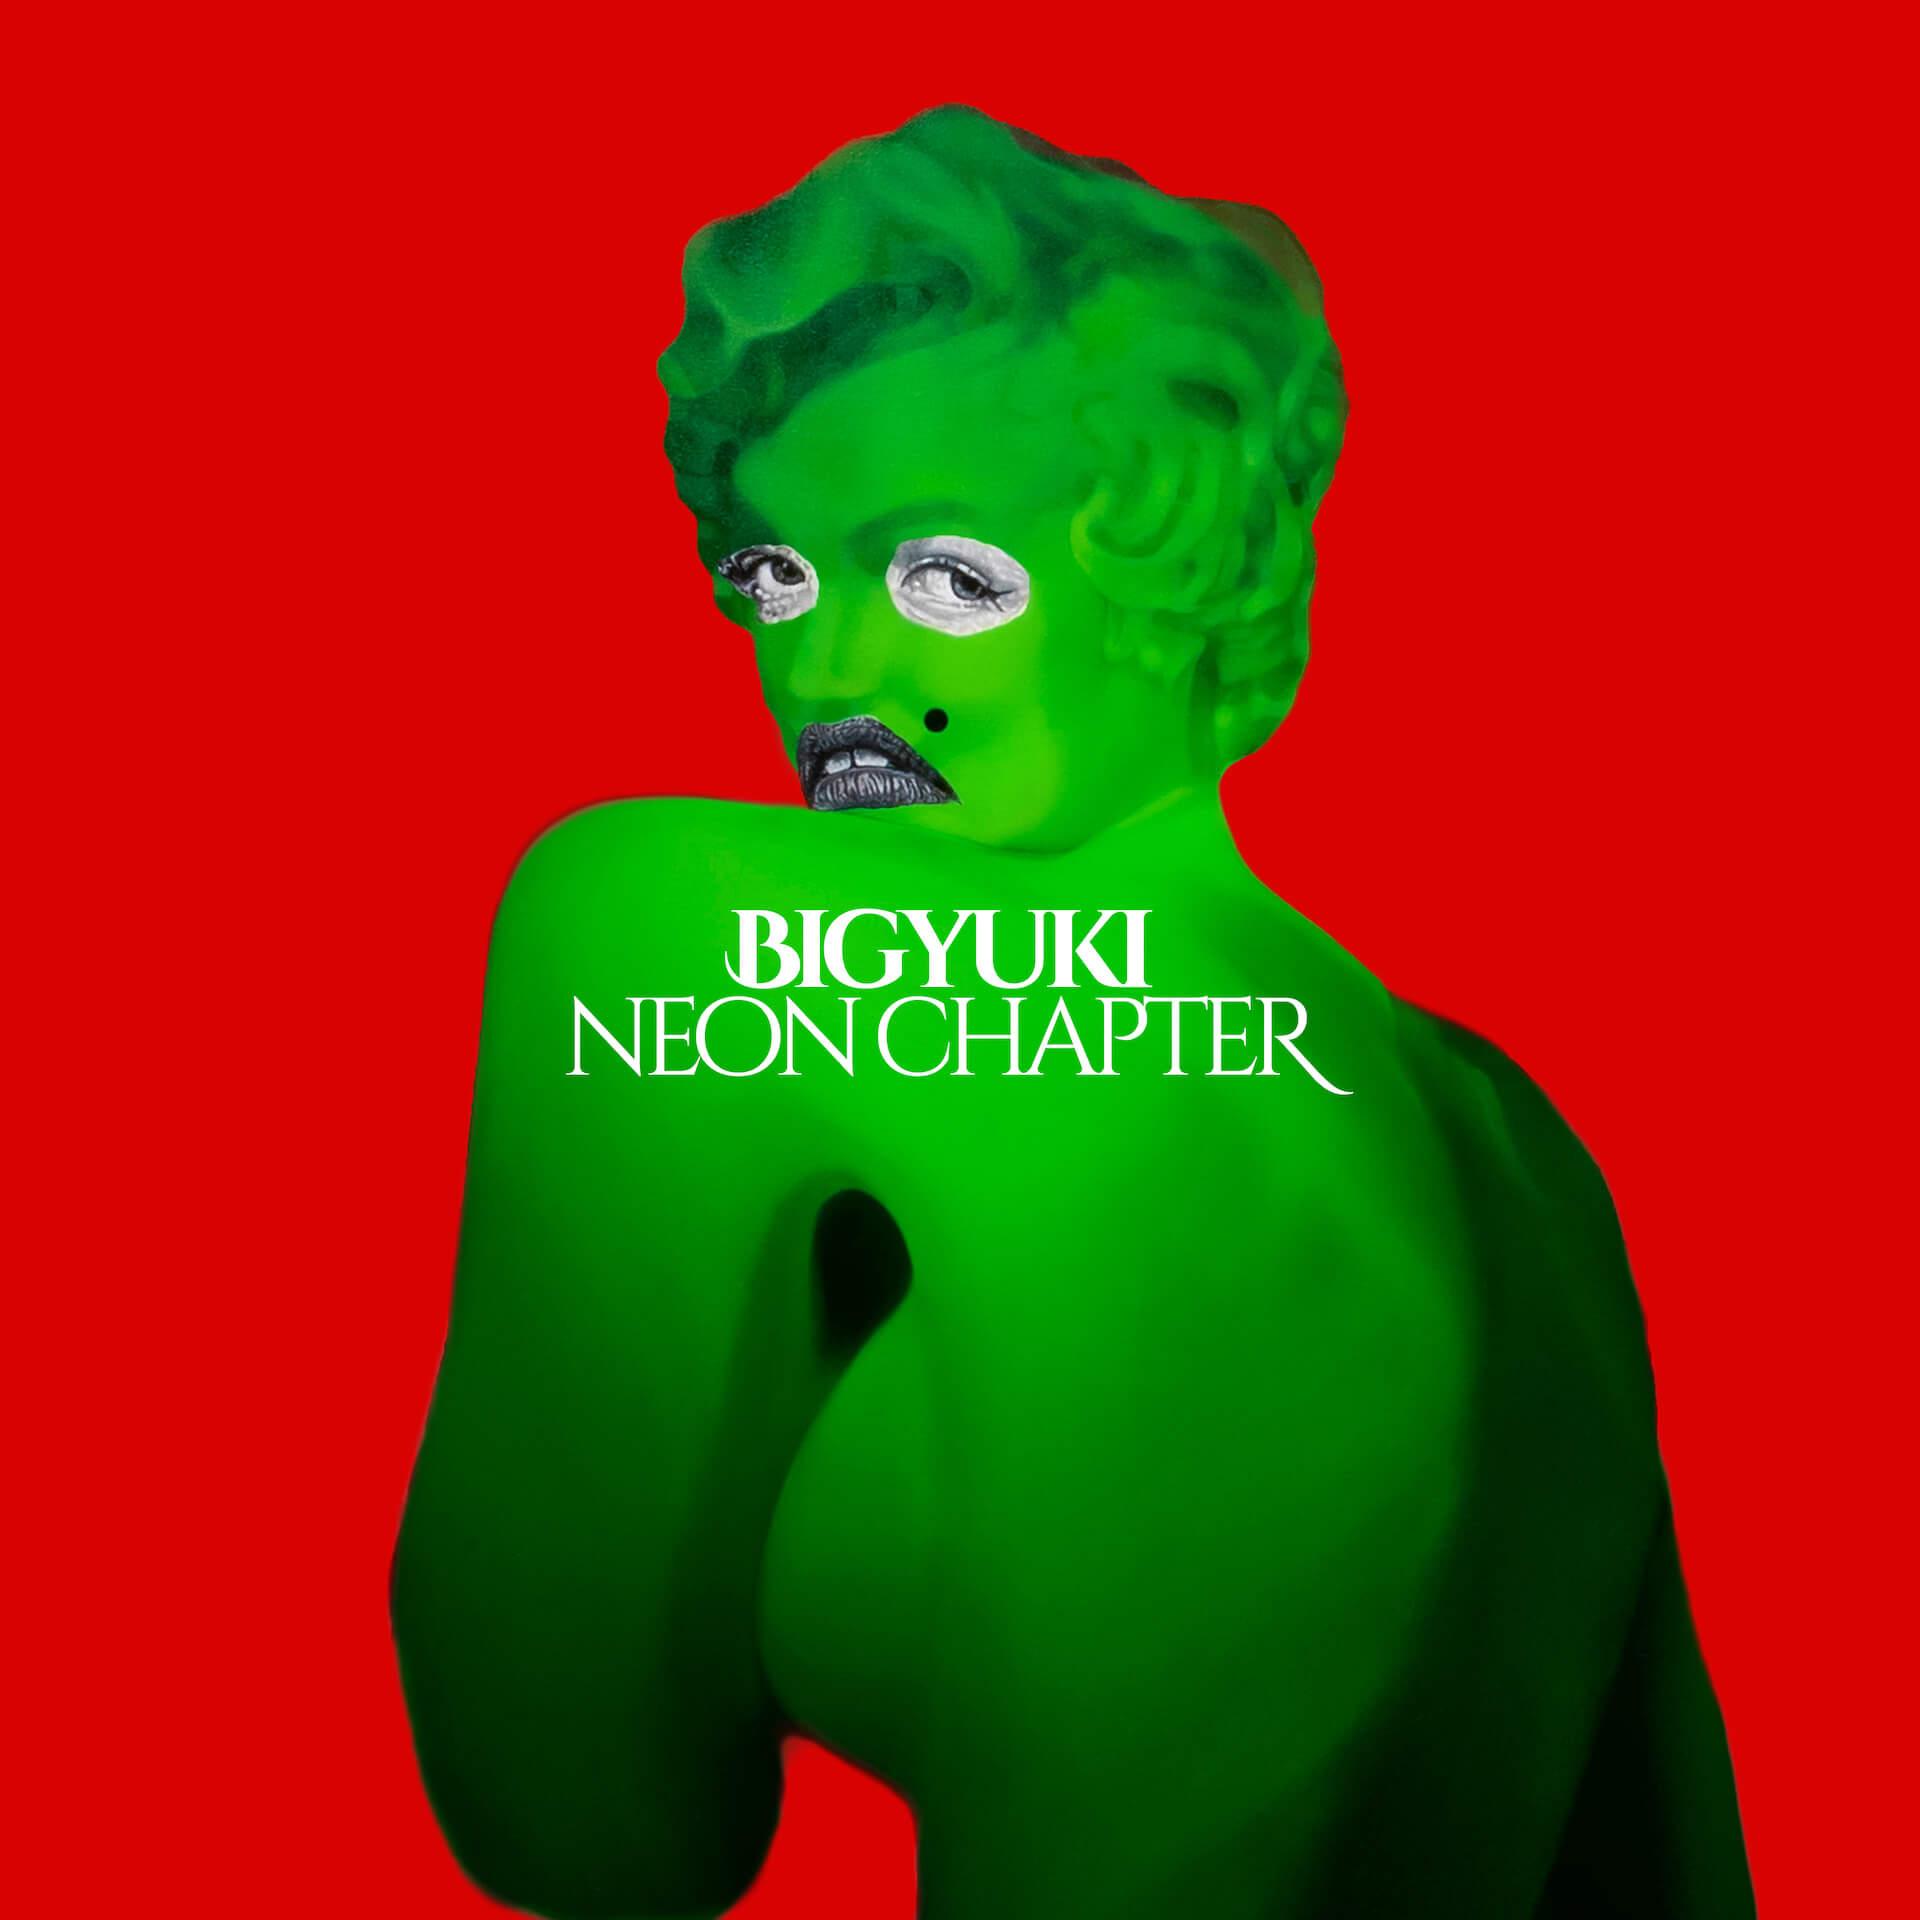 BIGYUKIのニューアルバム『Neon Chapter』が本日リリース!Arto Lindsay、ハトリミホらが参加 music211013_bigyuki_1